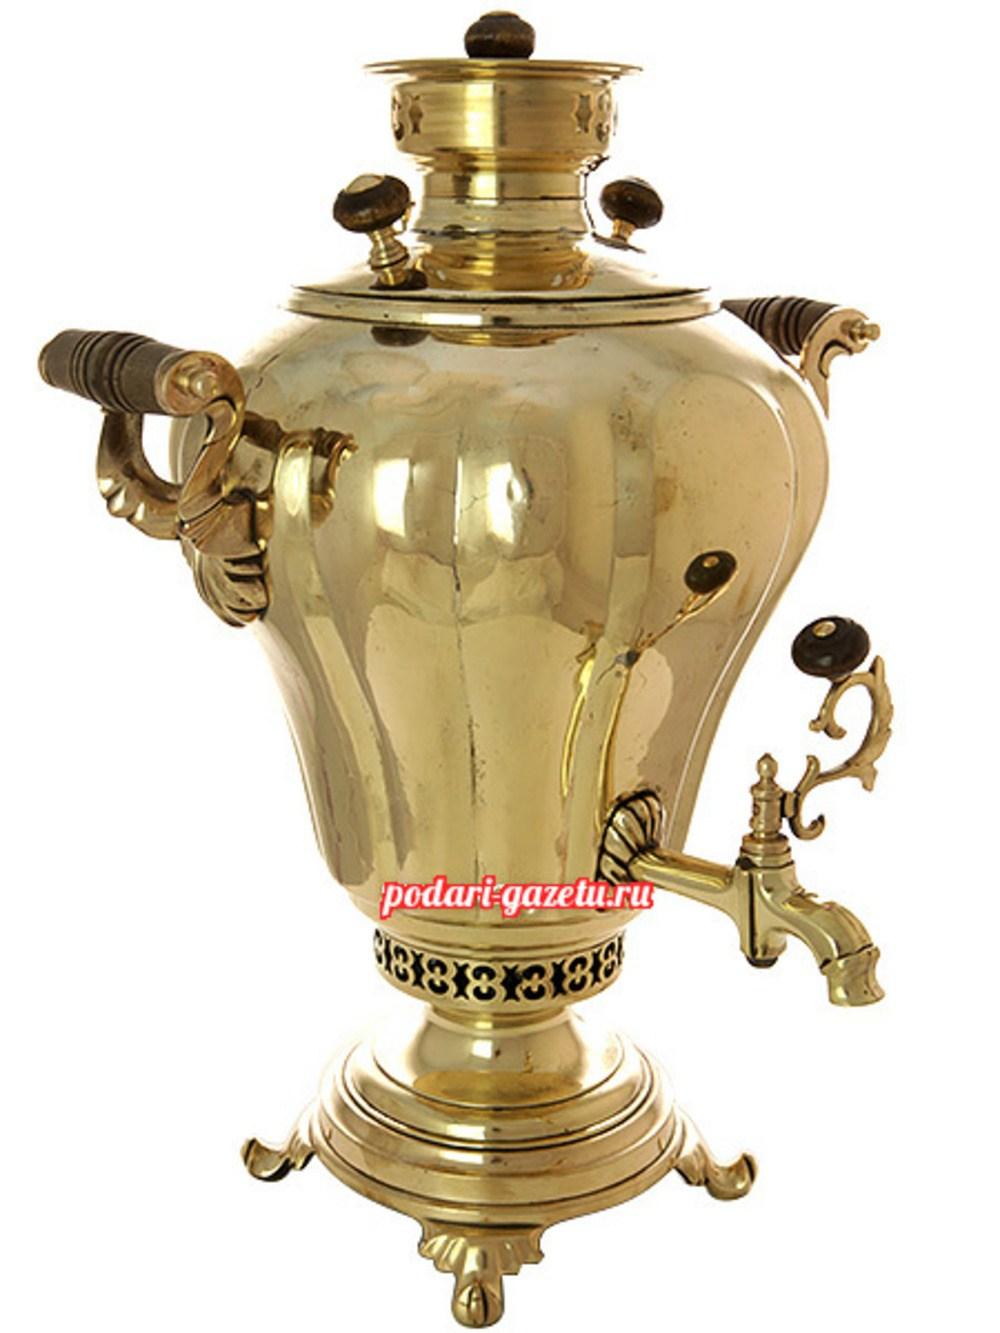 Угольный самовар (жаровой, дровяной) (7 литров) желтый груша с гранями